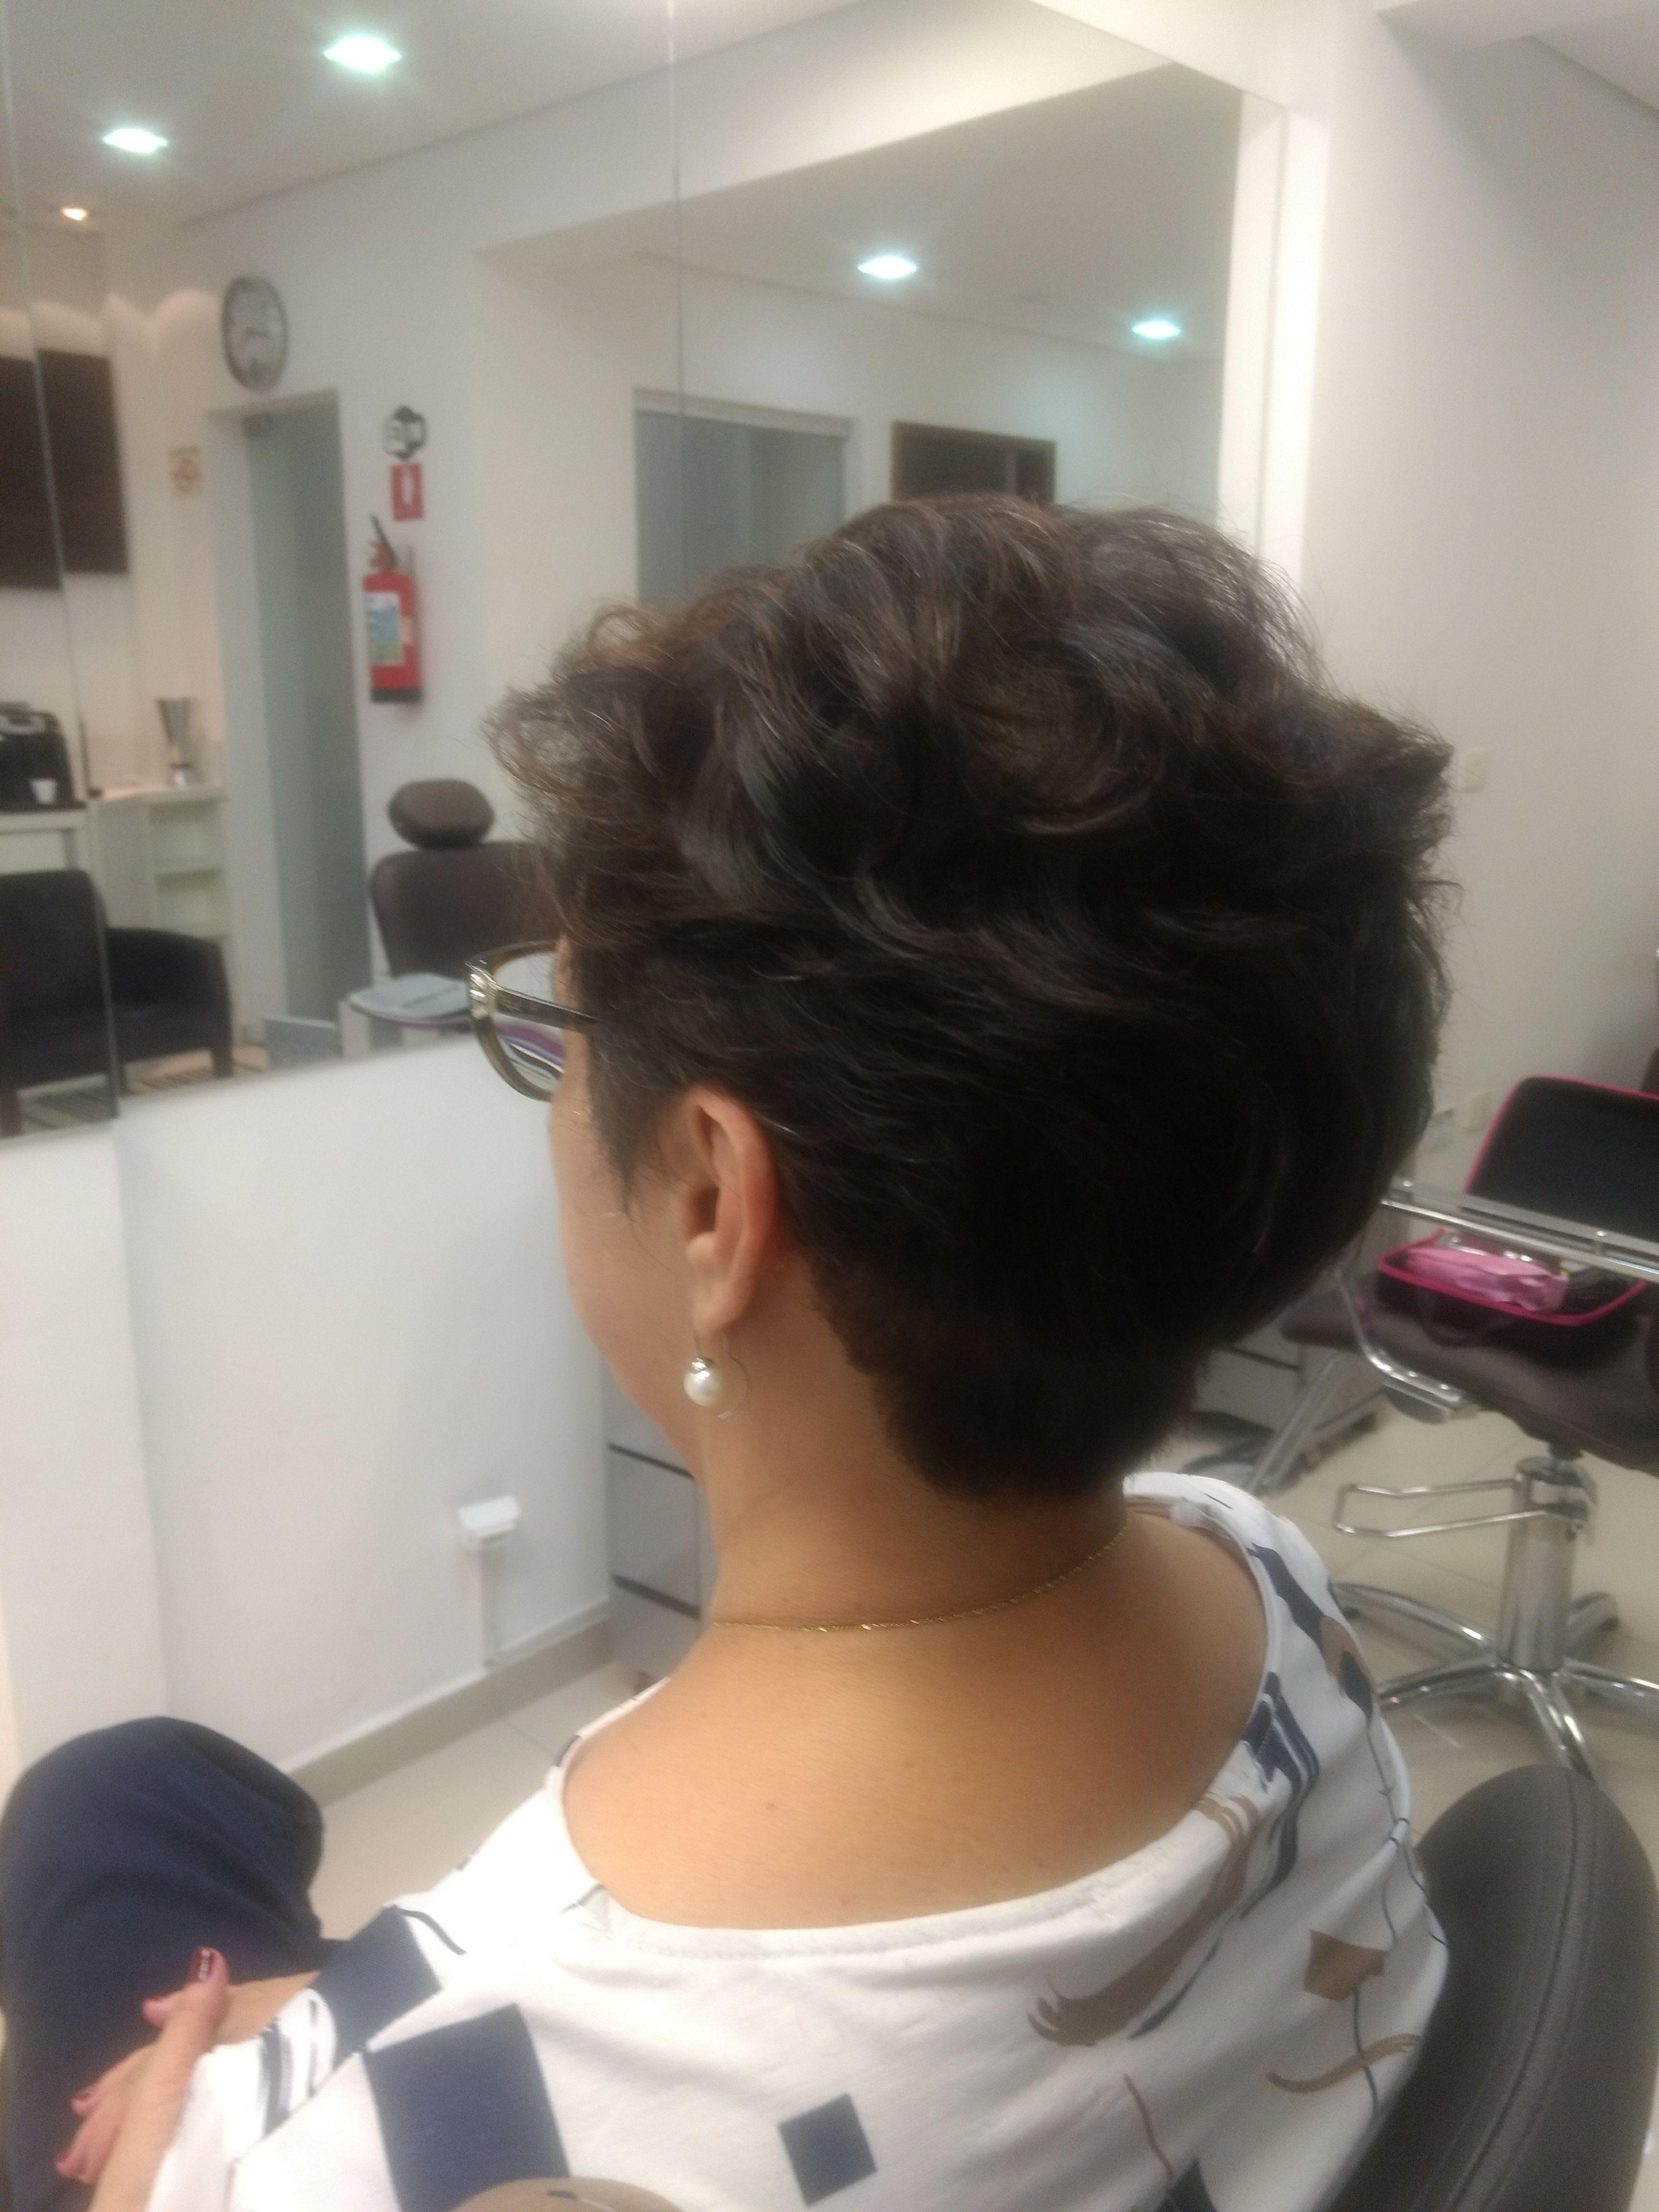 Corte moderno e despojado. cabelo cabeleireiro(a)